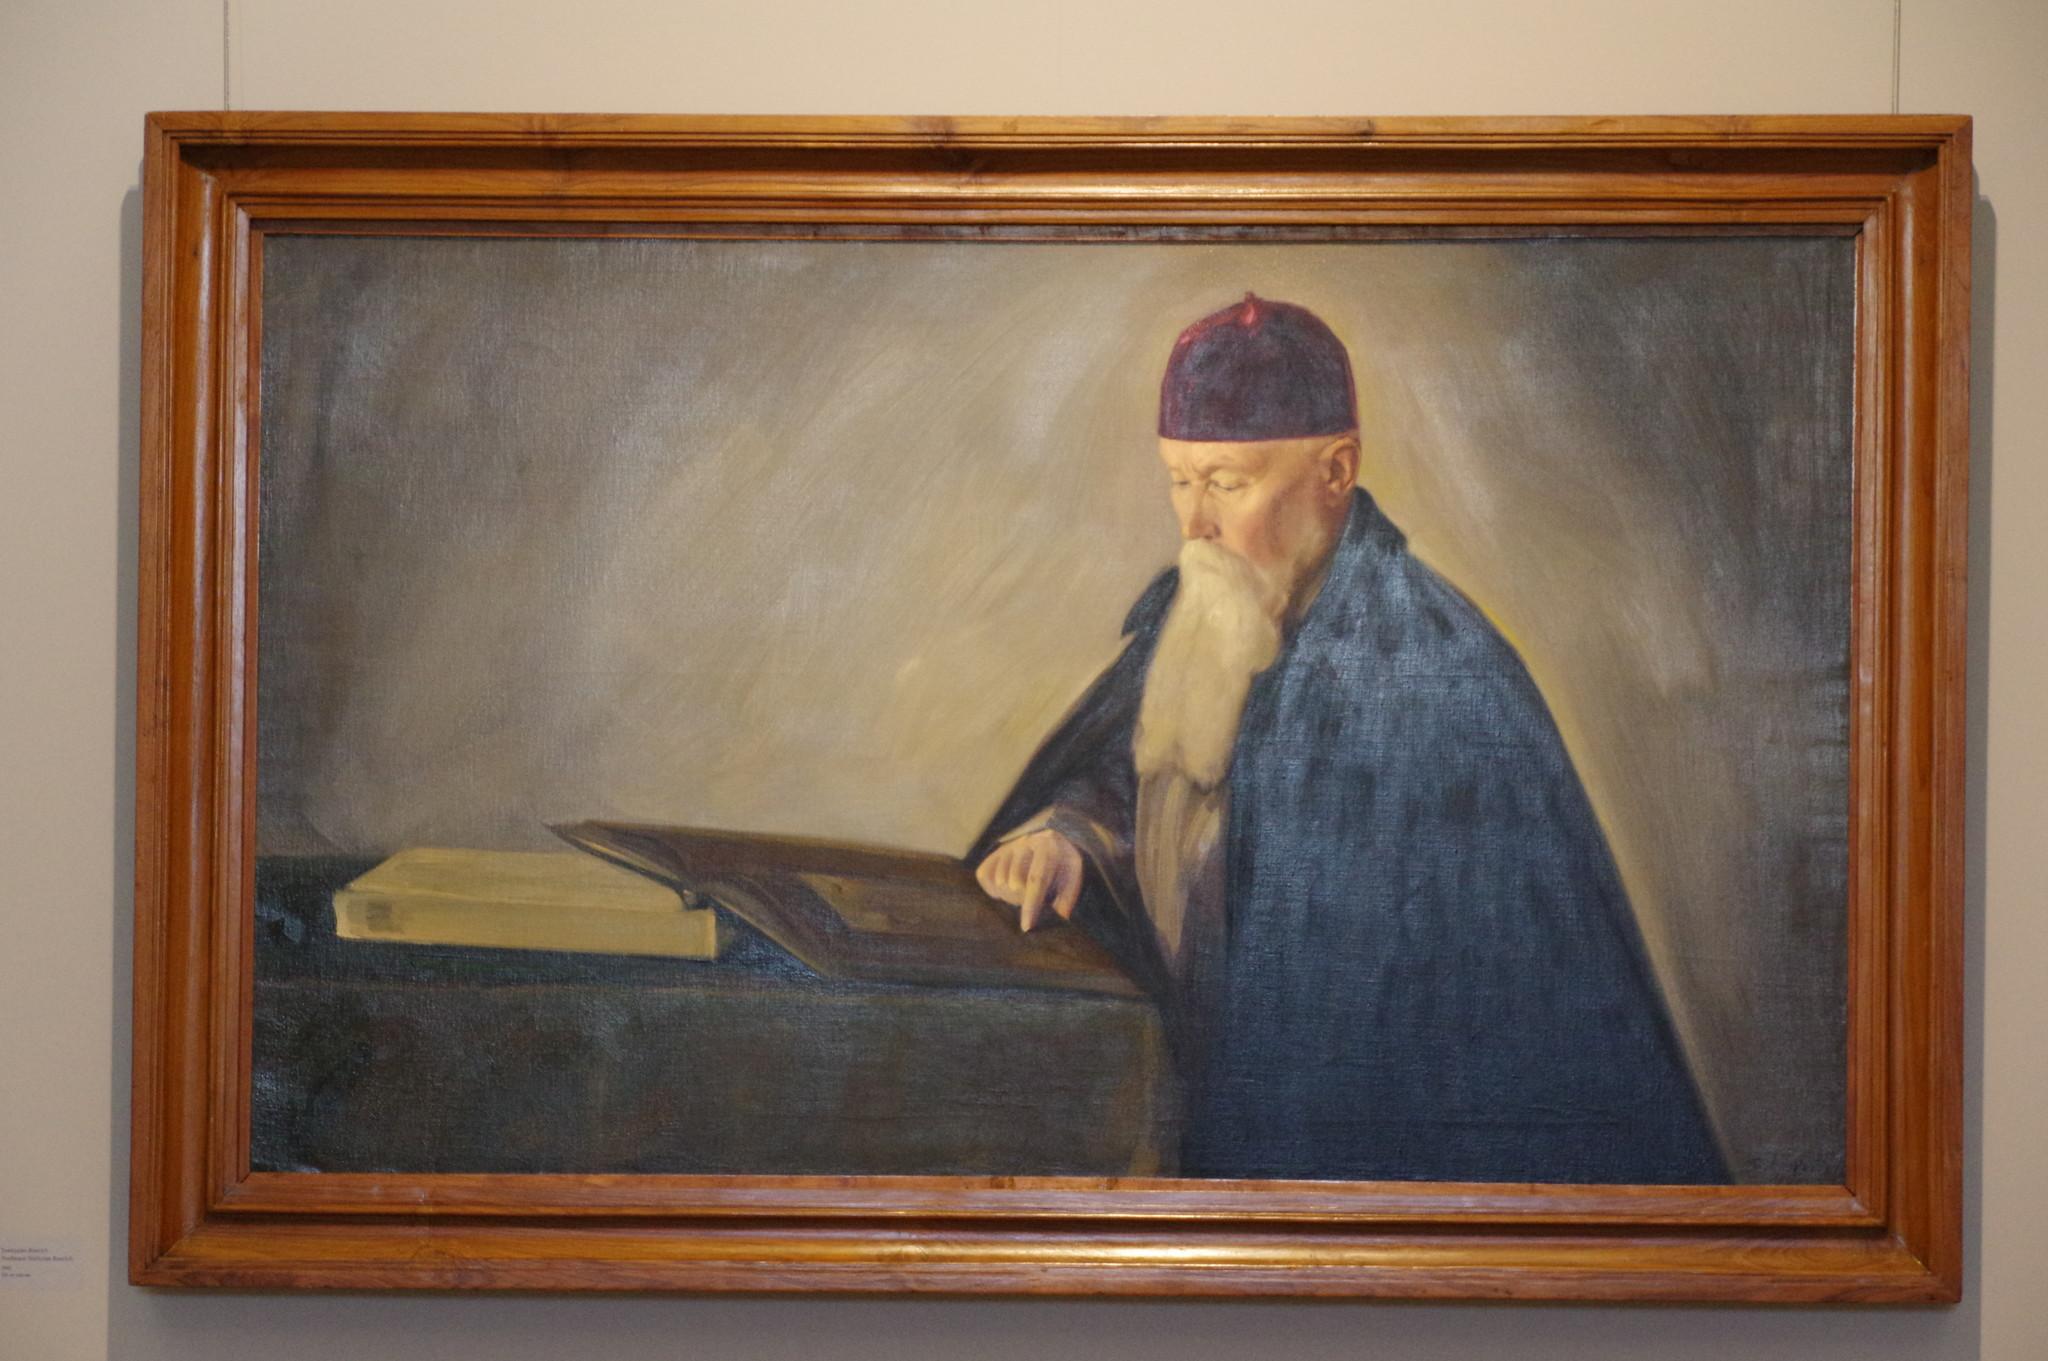 Профессор Николай Рерих. 1942 г. Холст, масло. Рерих С.Н. Музей Рерихов (филиал Государственного Музея Востока) на ВДНХ